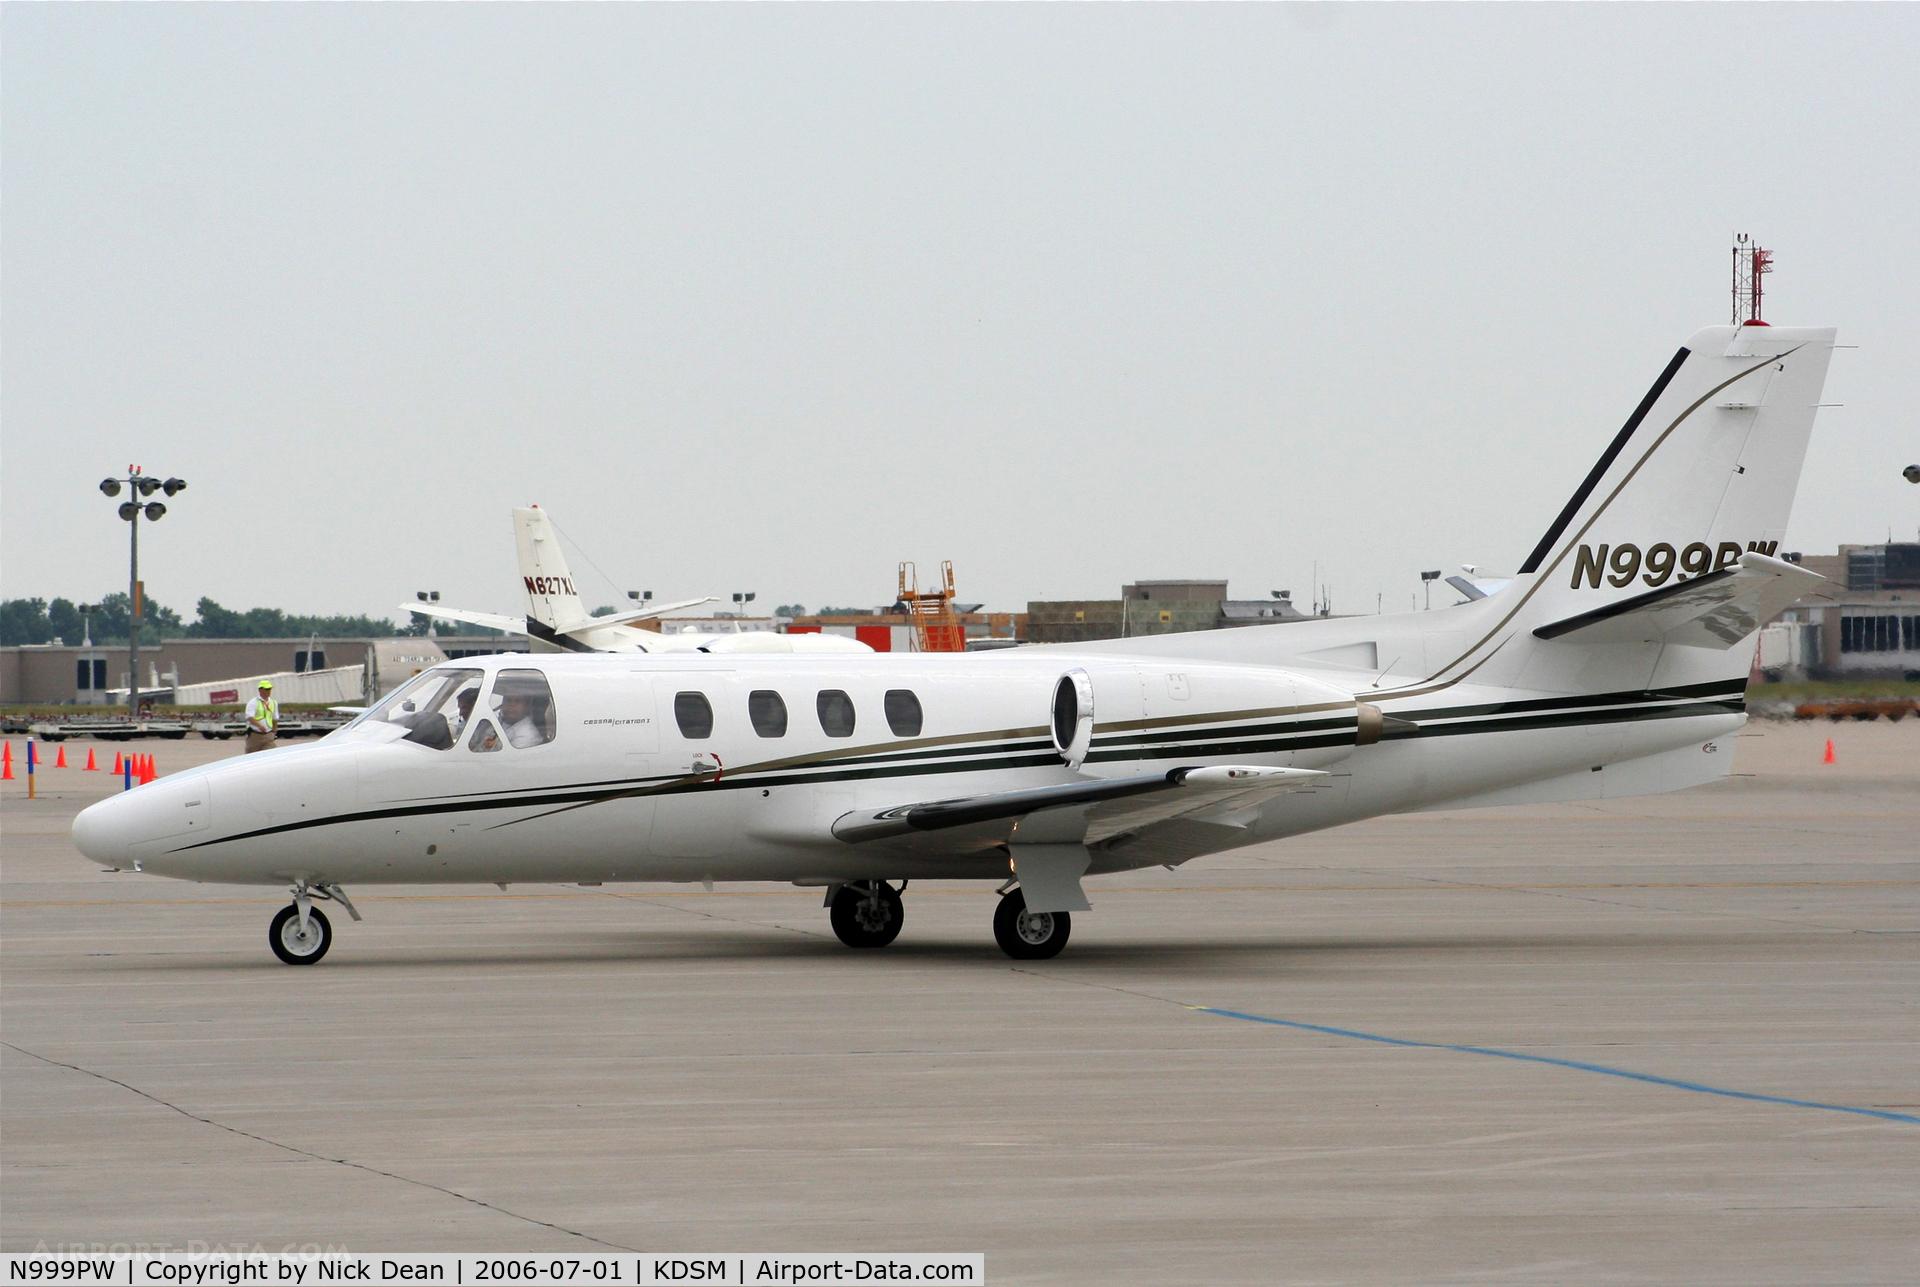 N999PW, 1980 Cessna 501 Citation I/SP C/N 501-0160, KDSM